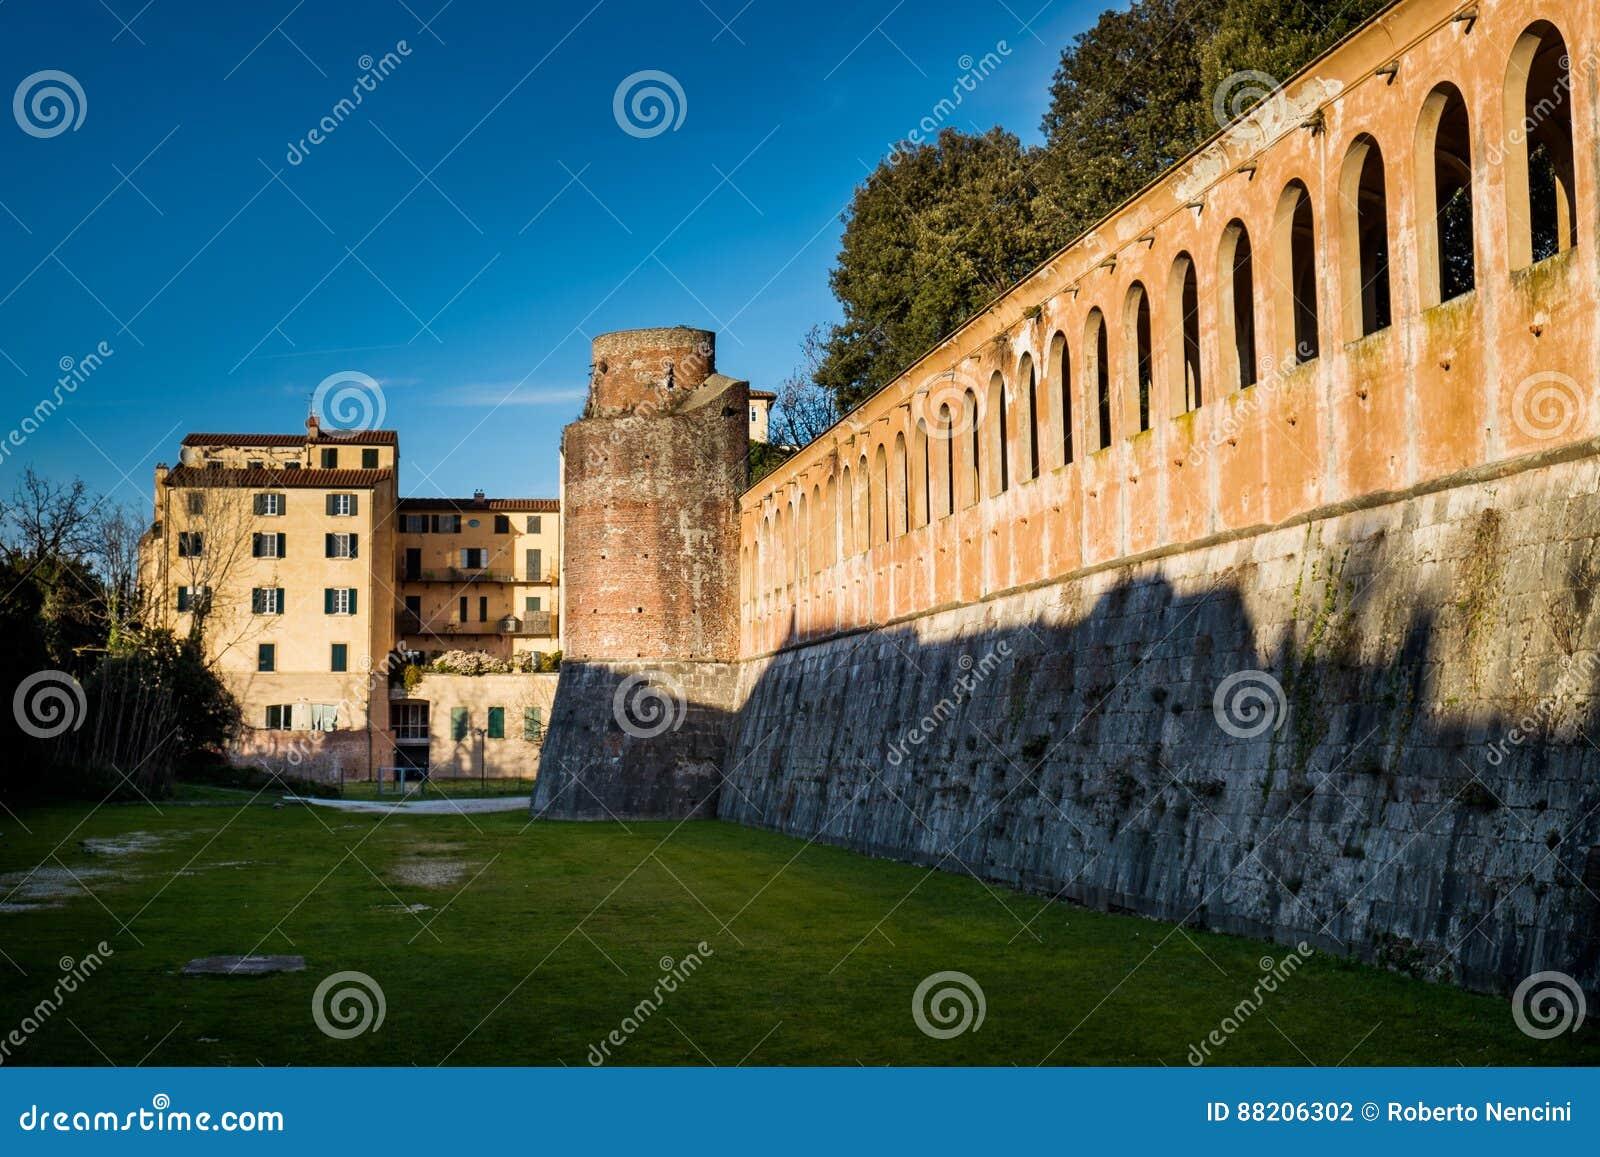 Giardino Scotto a Pisa - giardini pubblici e parco, Italia